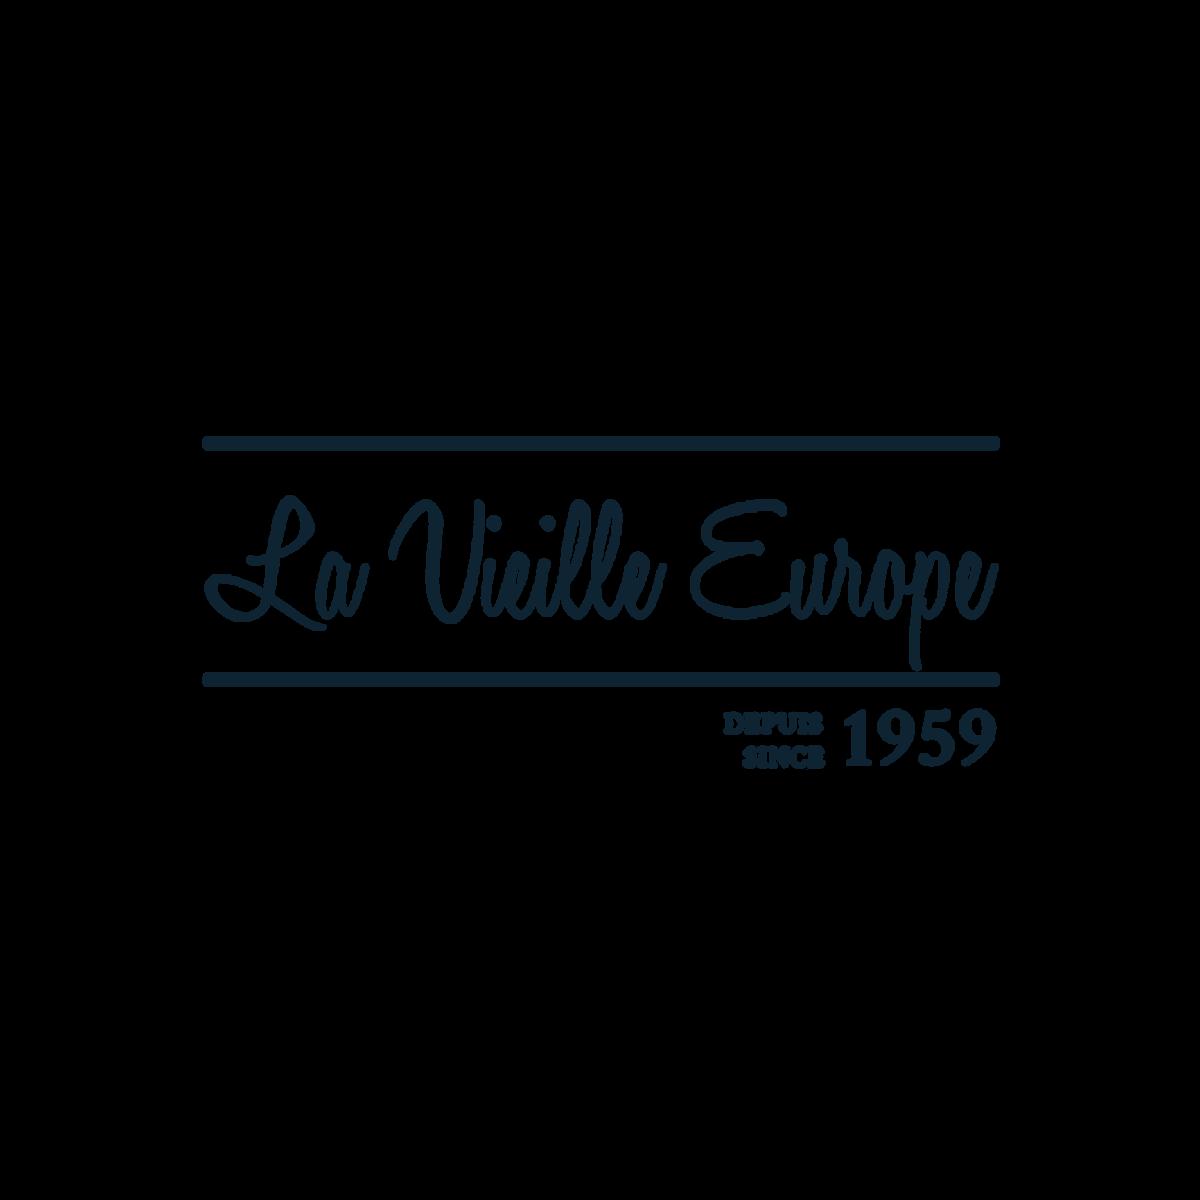 Logo La Vieille Europe